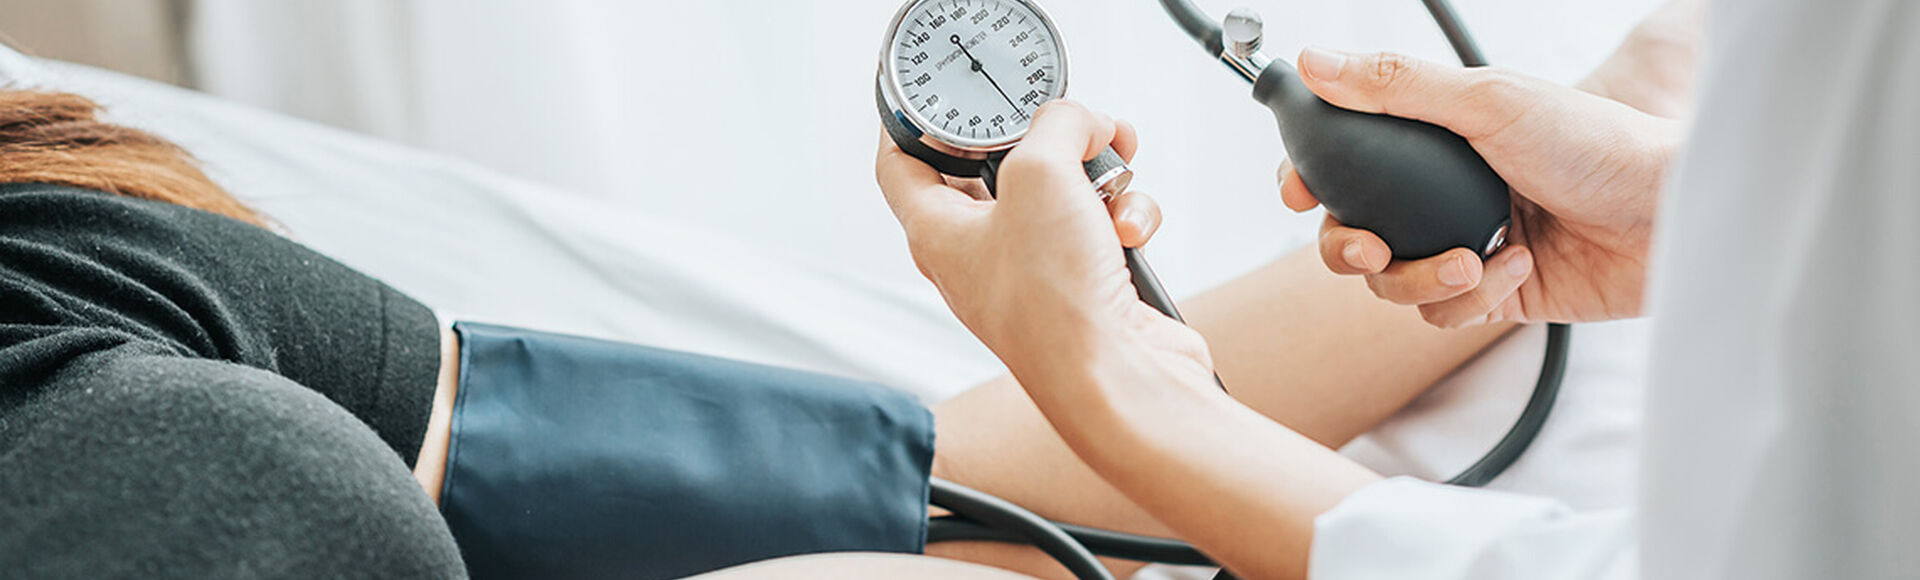 Pressão arterial na Grávidez